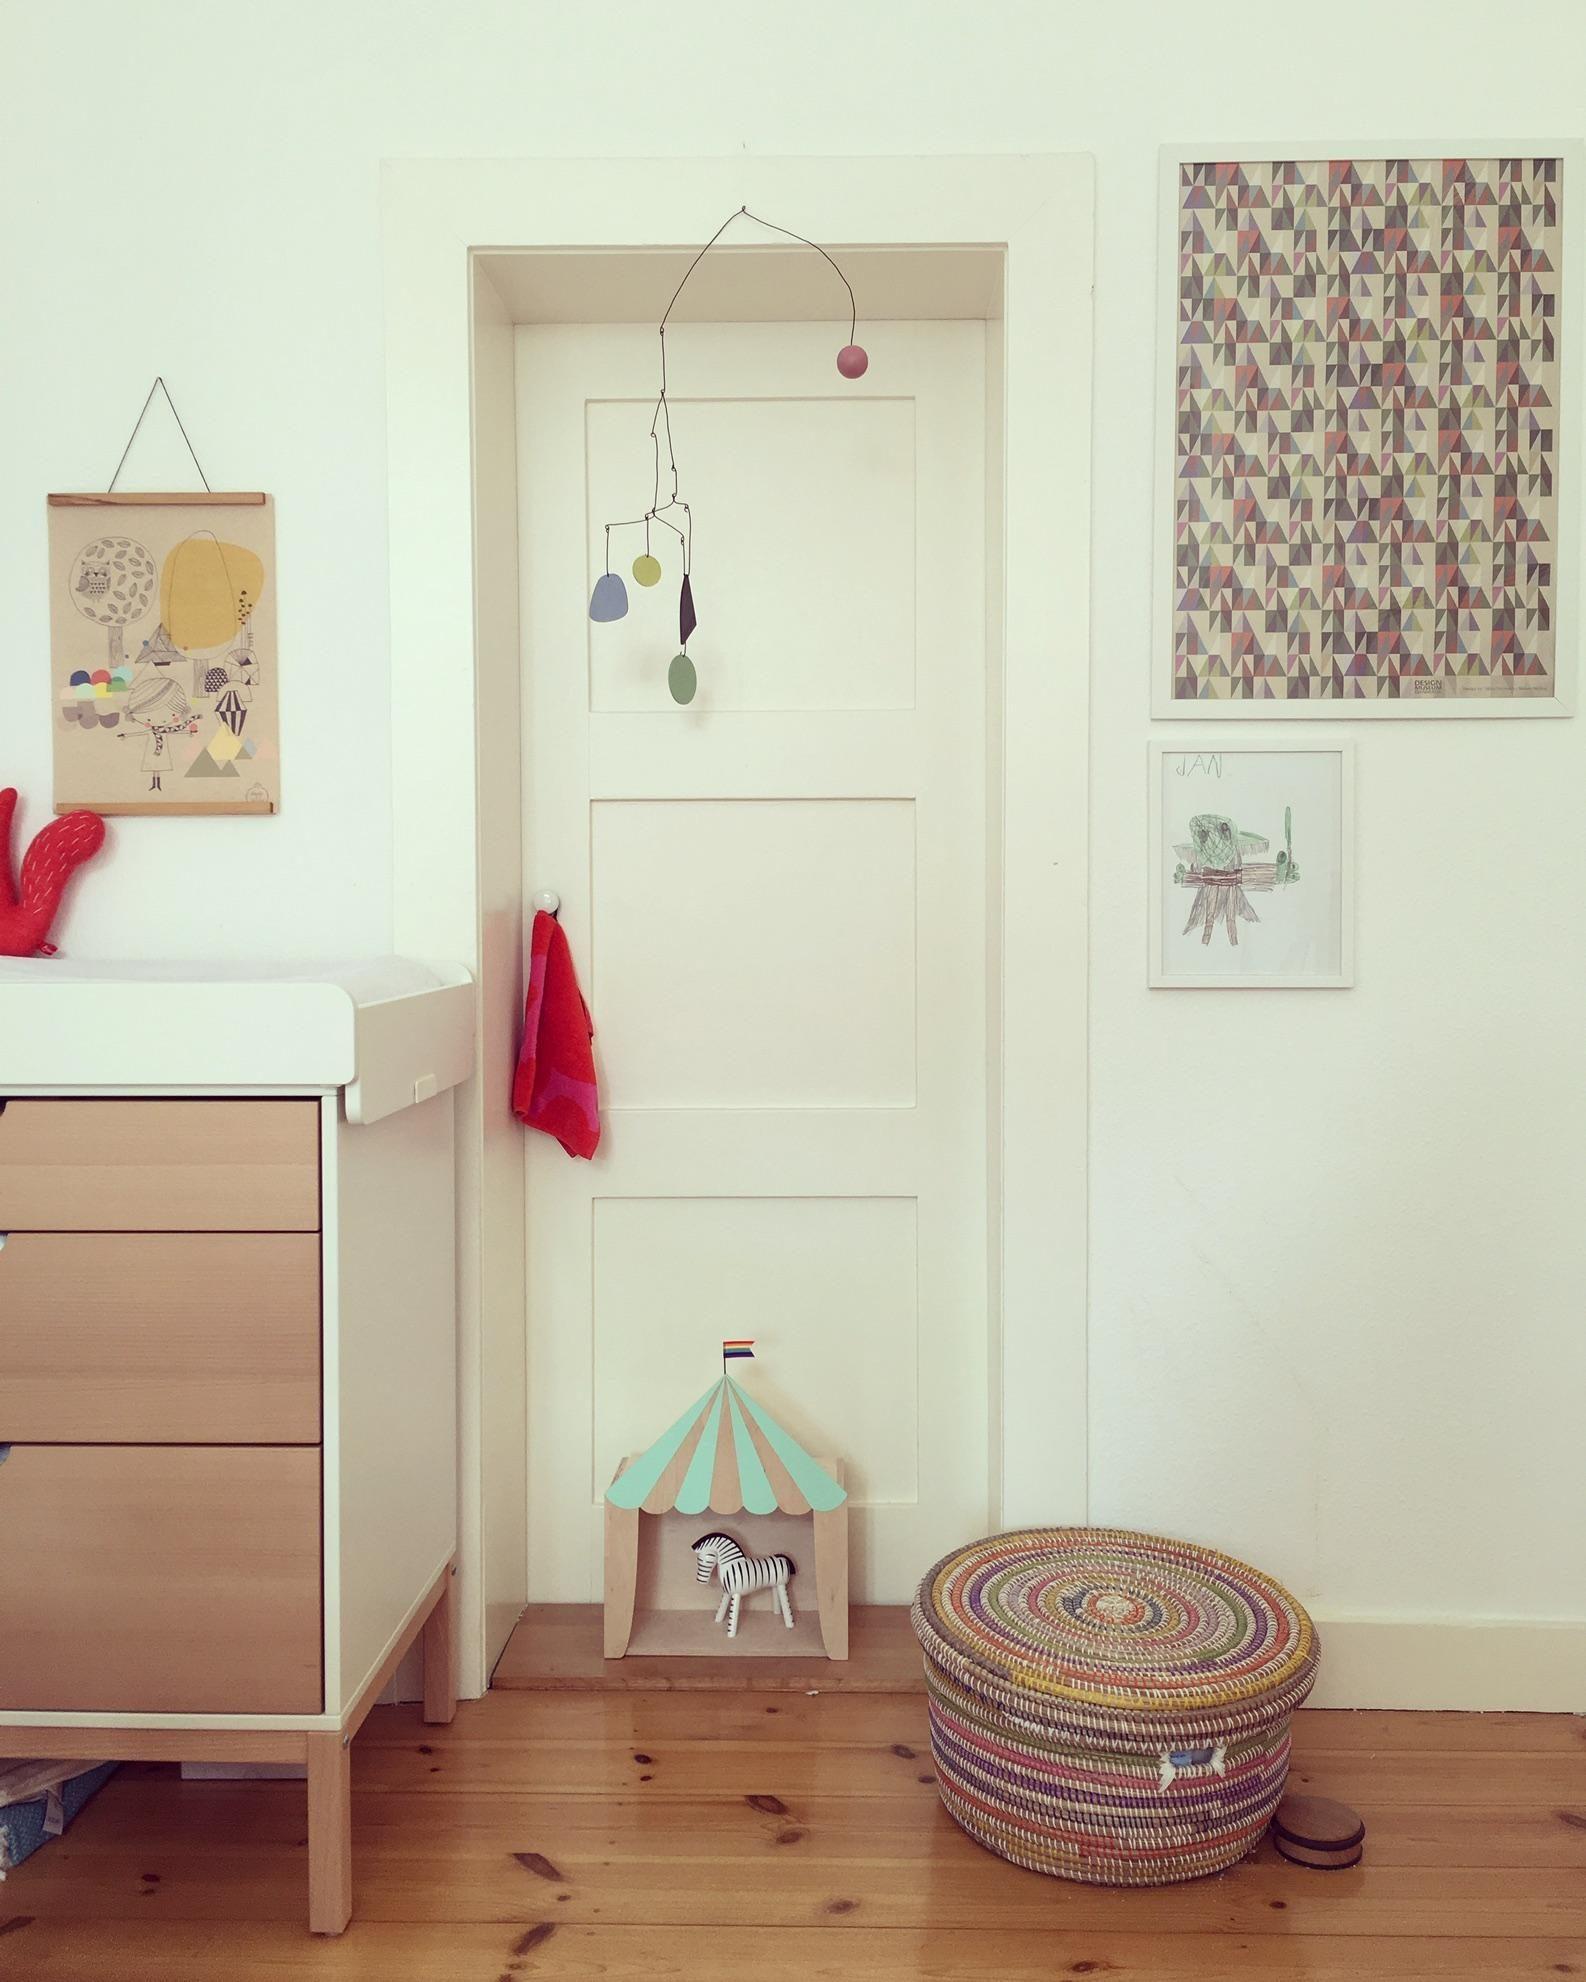 schlafzimmer berbauschr nke prinzessinen bettw sche farben f rs schlafzimmer ideen yoshi ko. Black Bedroom Furniture Sets. Home Design Ideas